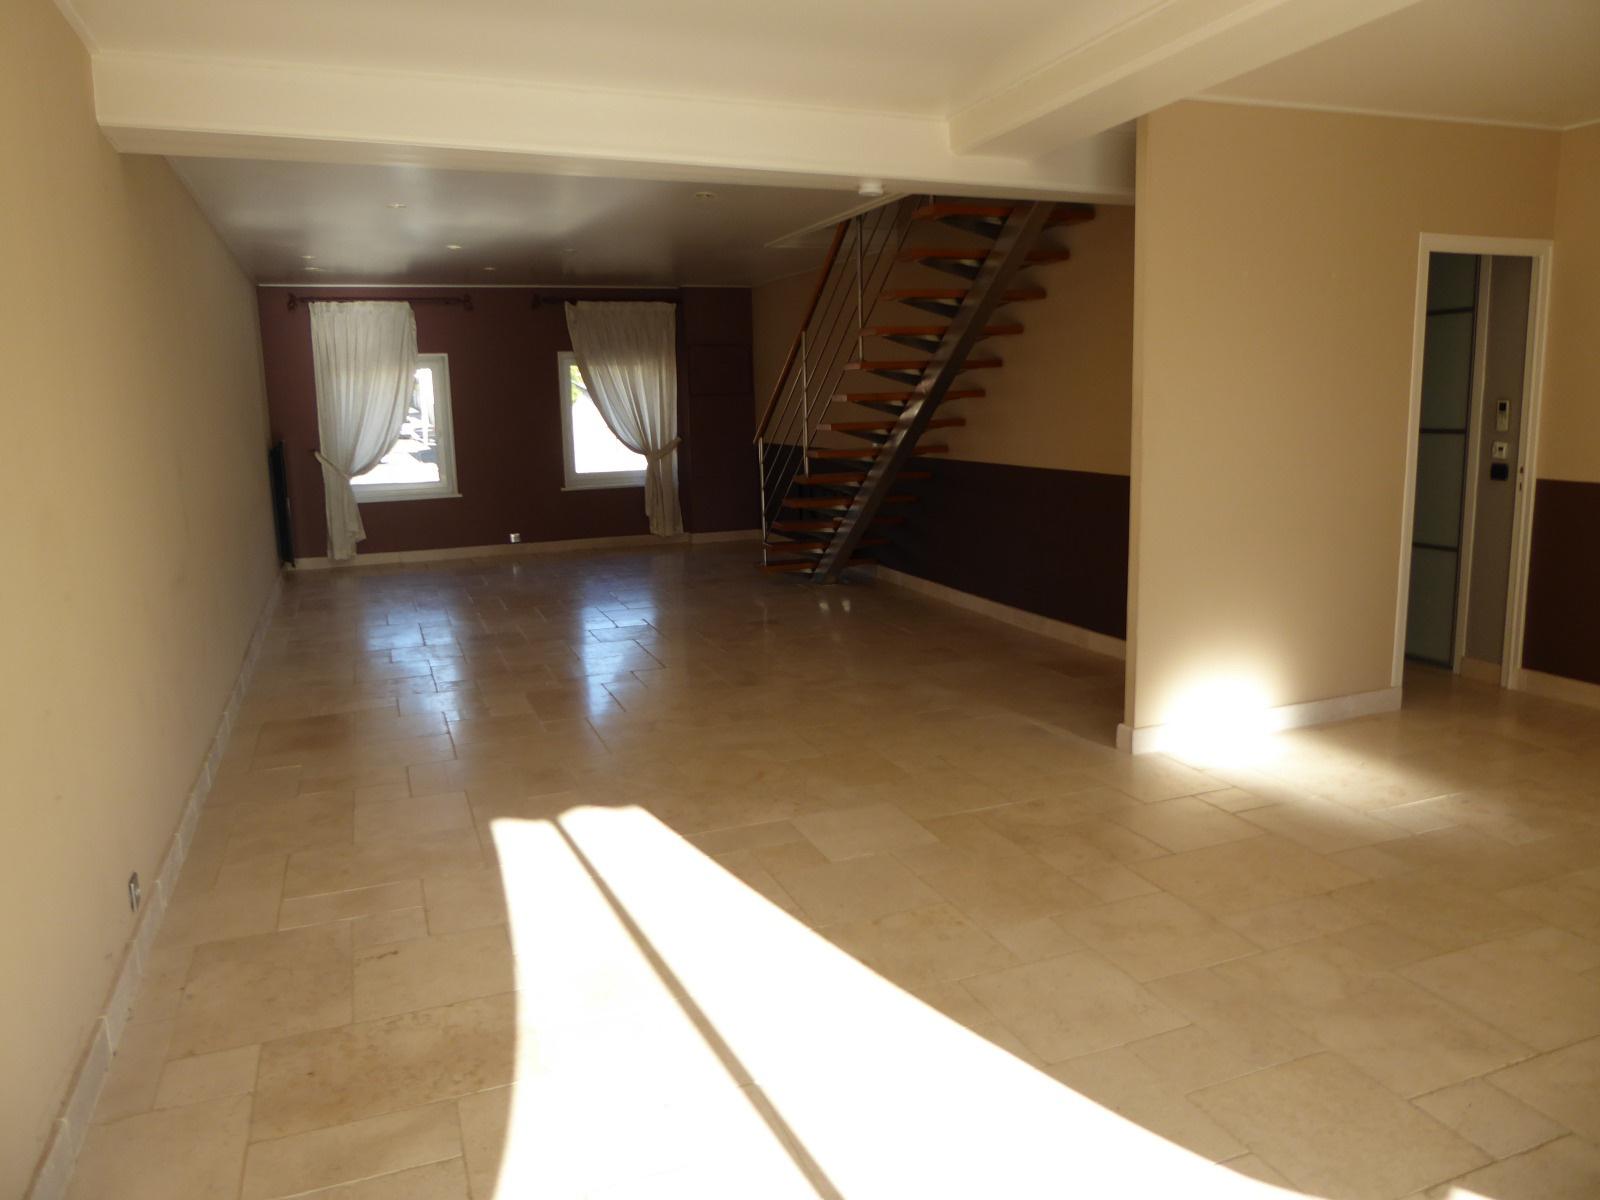 Séjour salon de 54 m², au rez-de-chaussée. Prolongé par une terrasse de 19